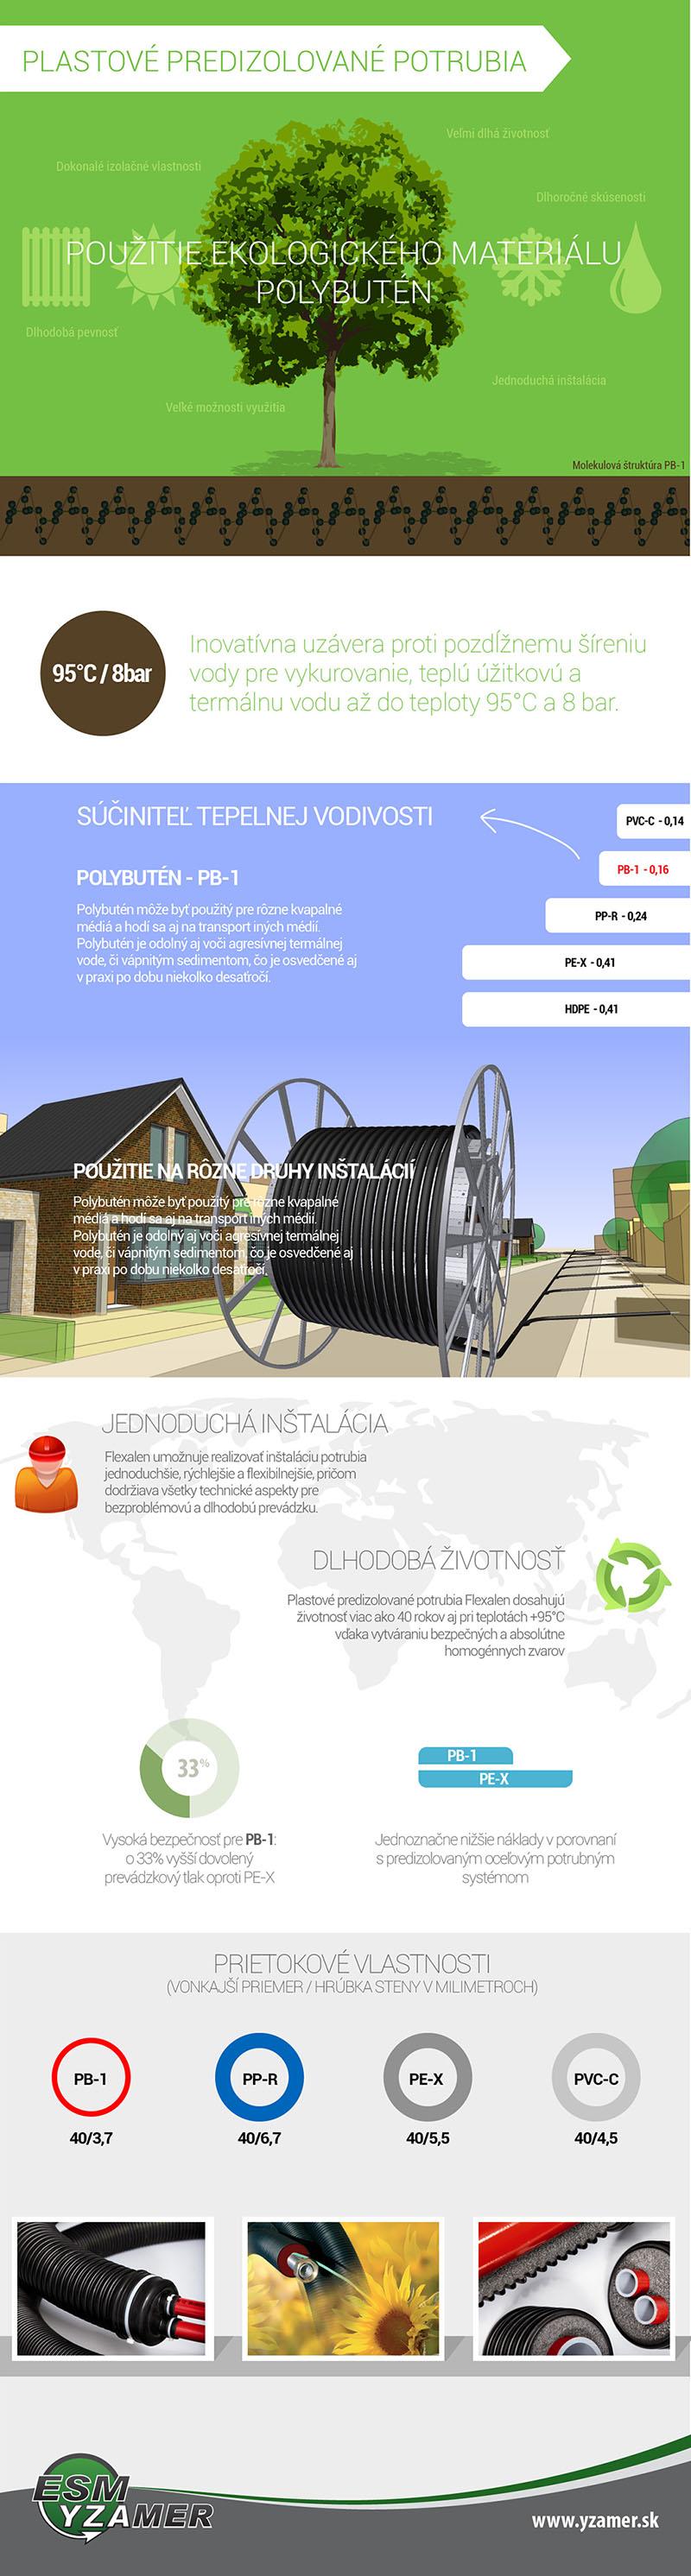 plastove predizolované potrubia